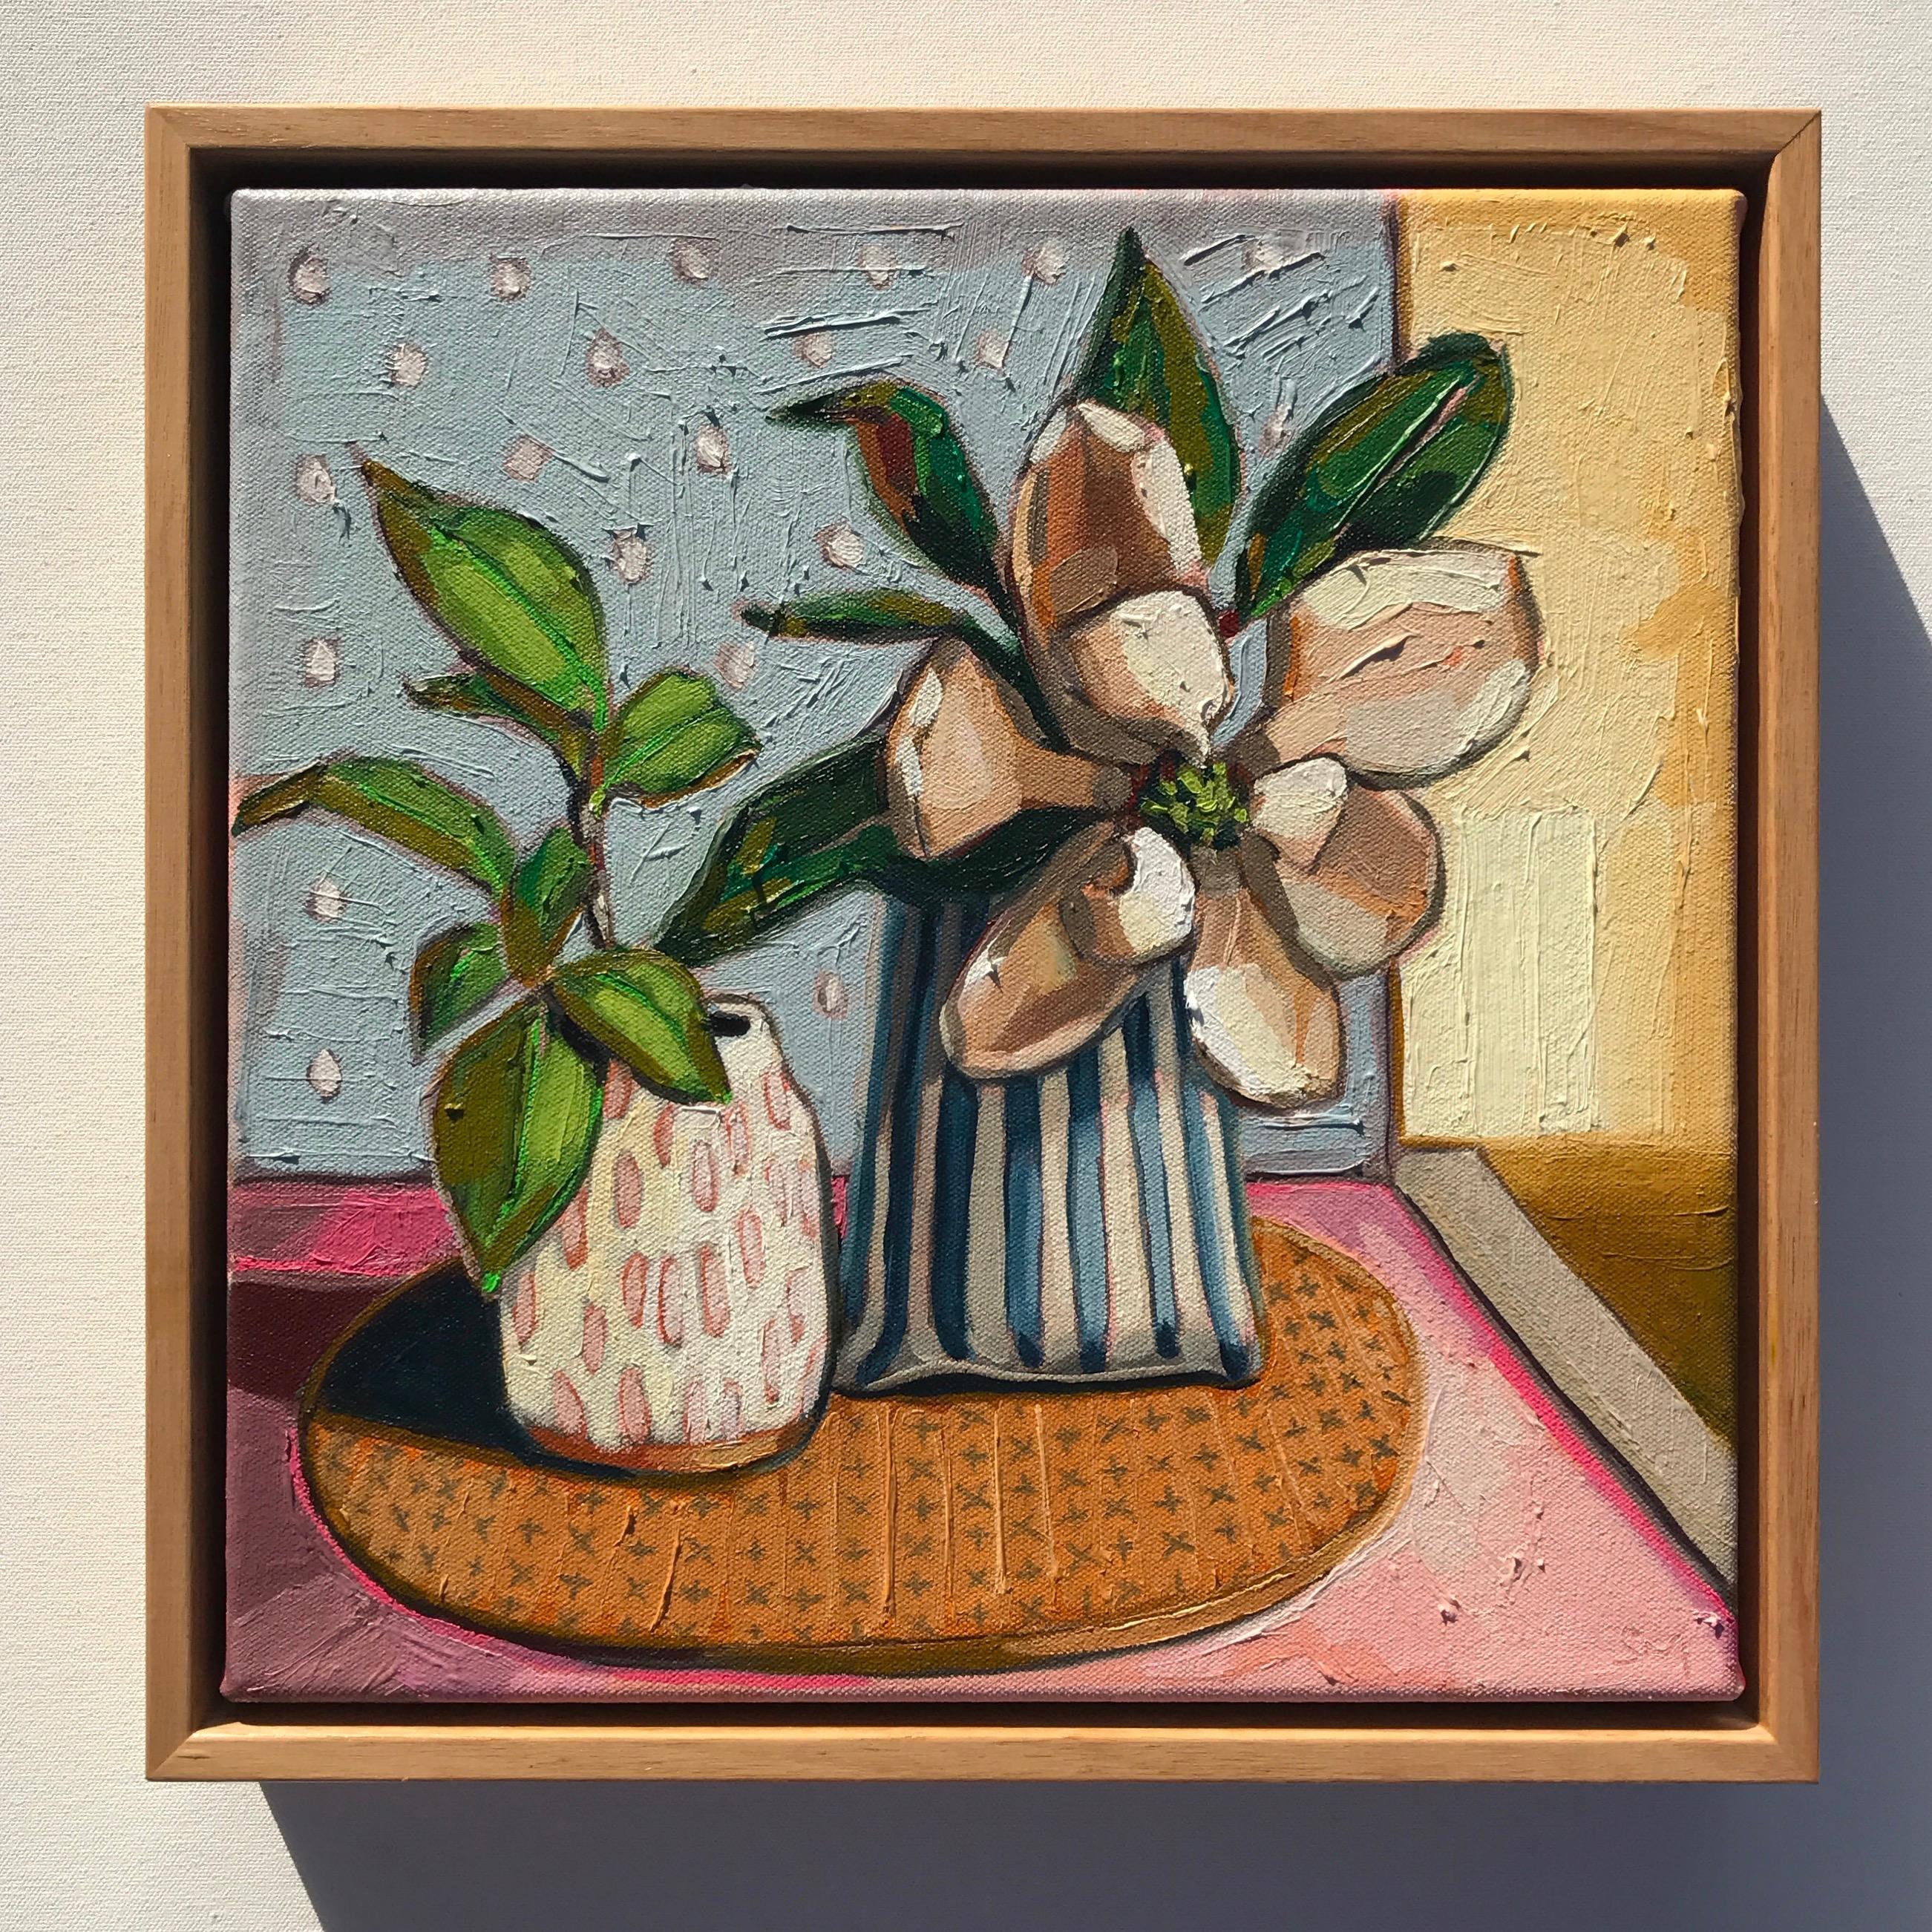 02_17 Magnolia & Patterns 38x38cm $695